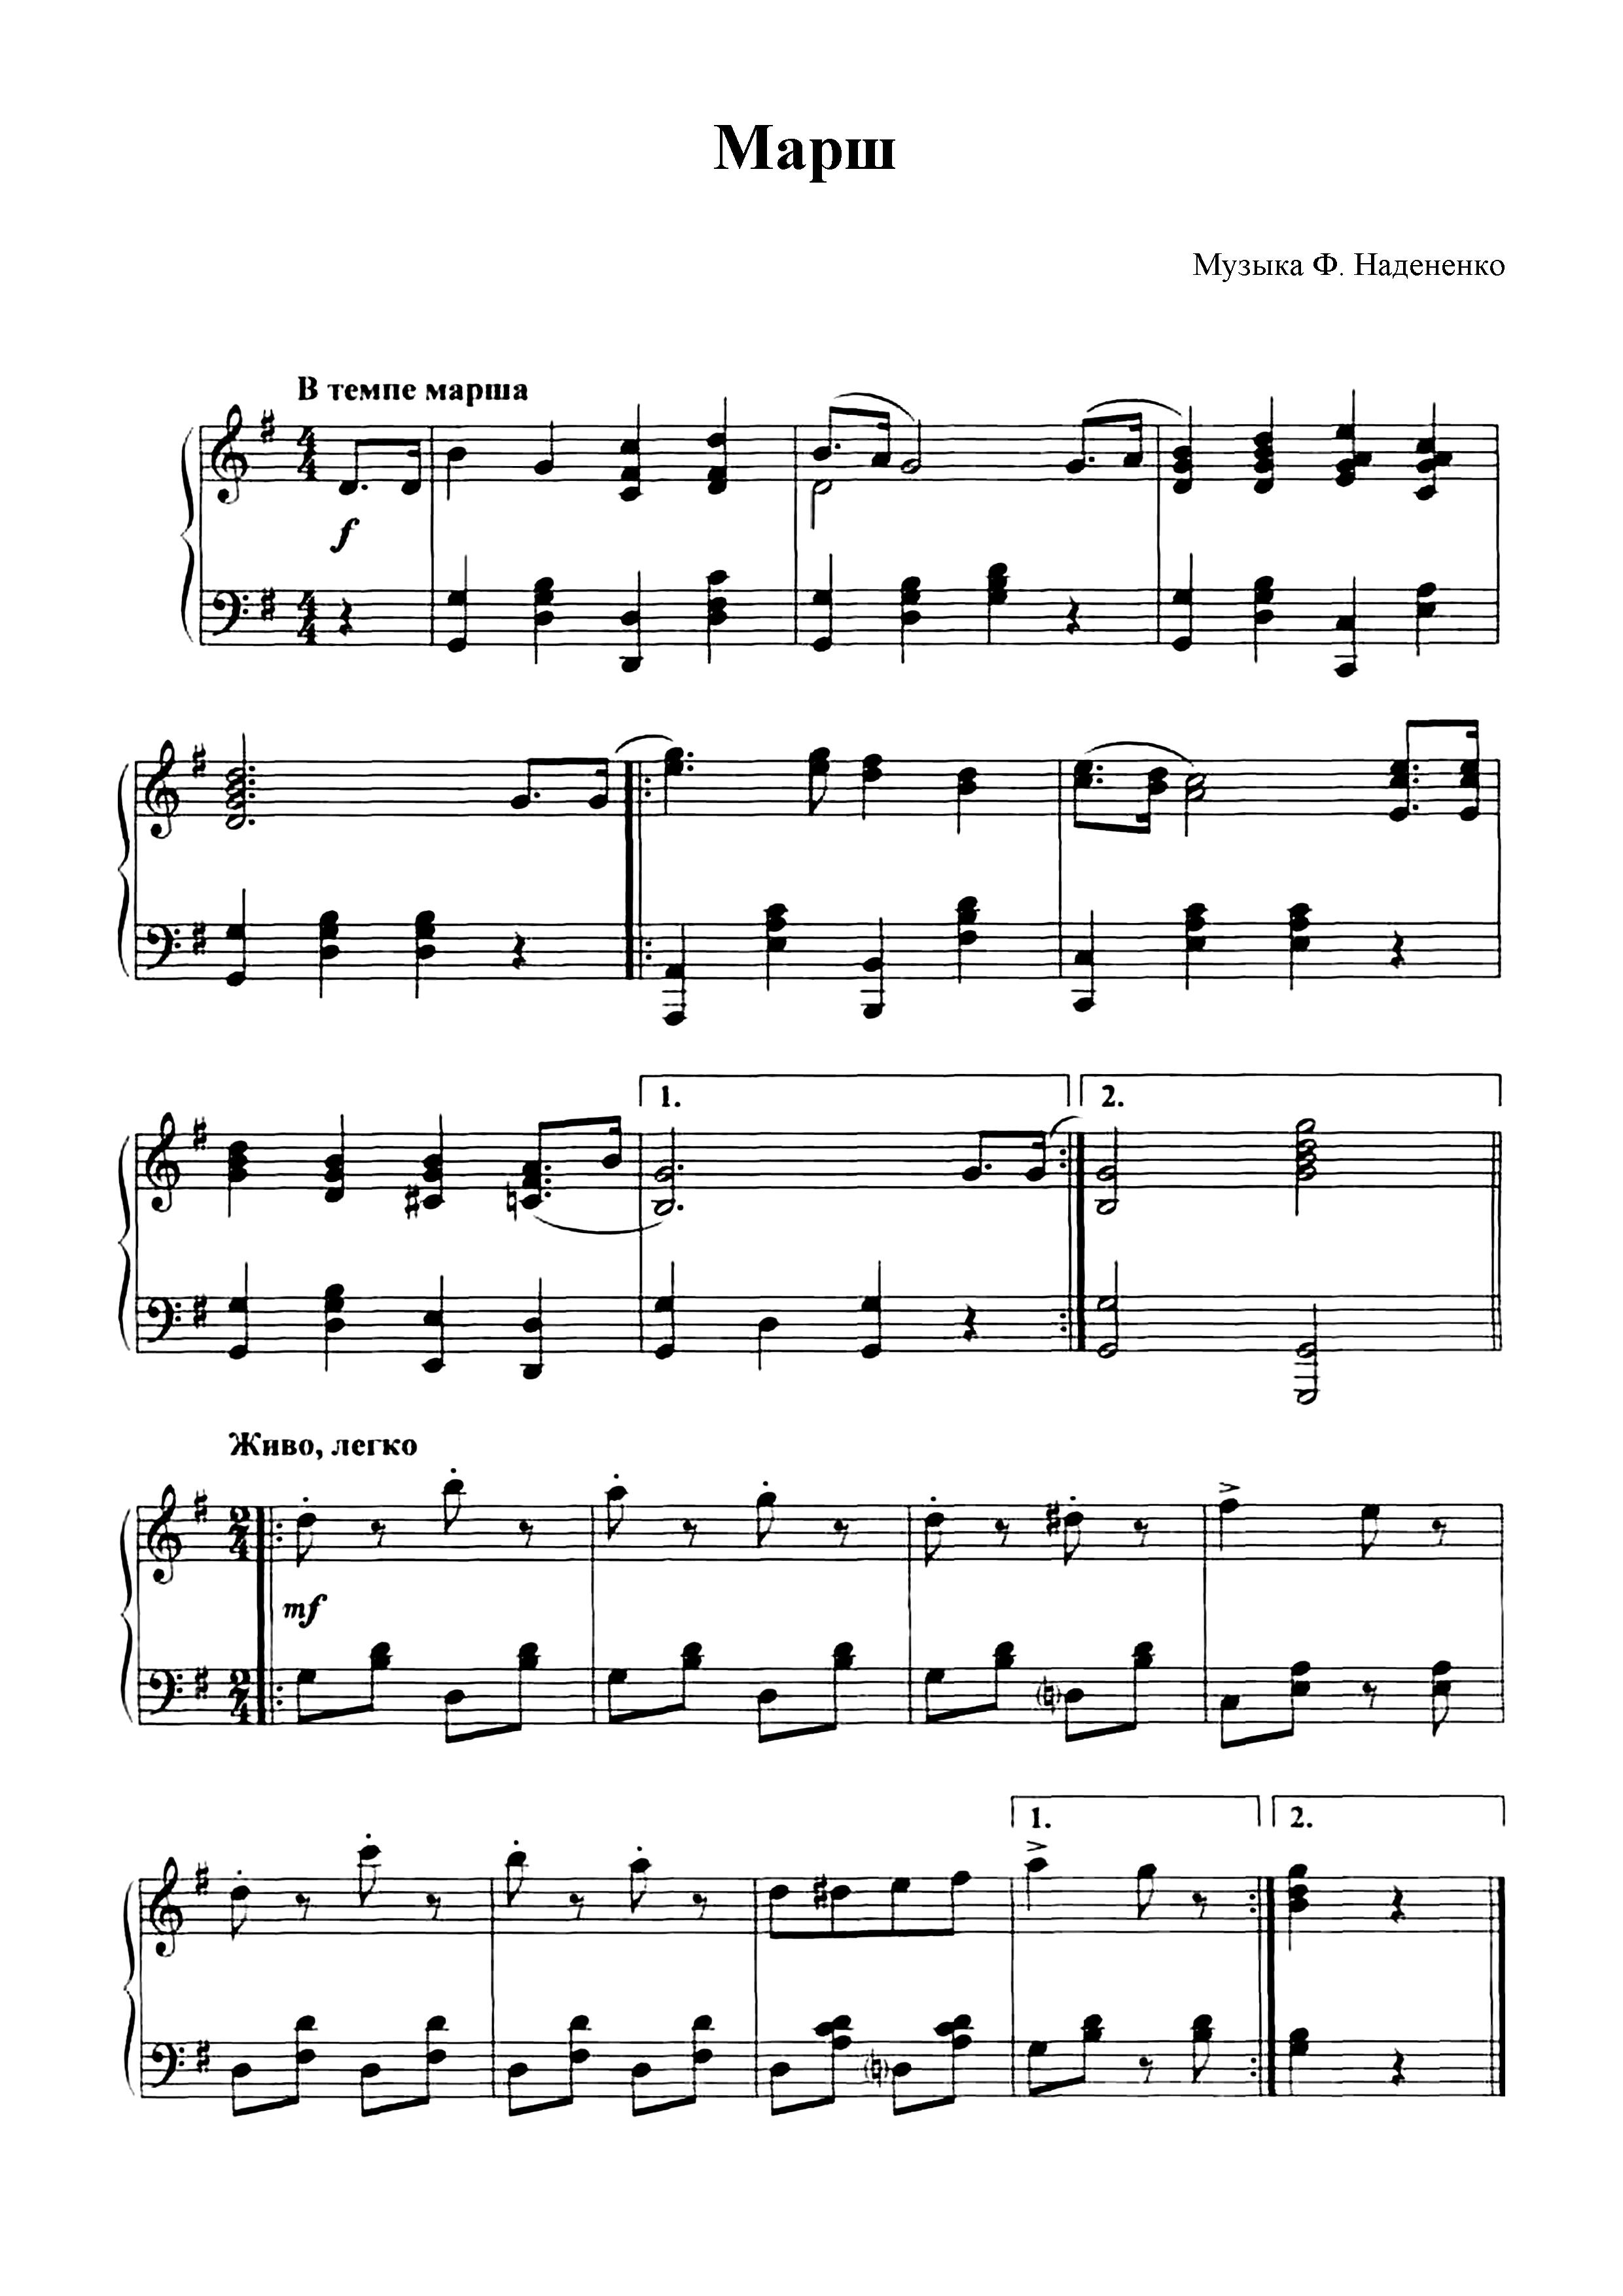 Мелодии для доу скачать бесплатно